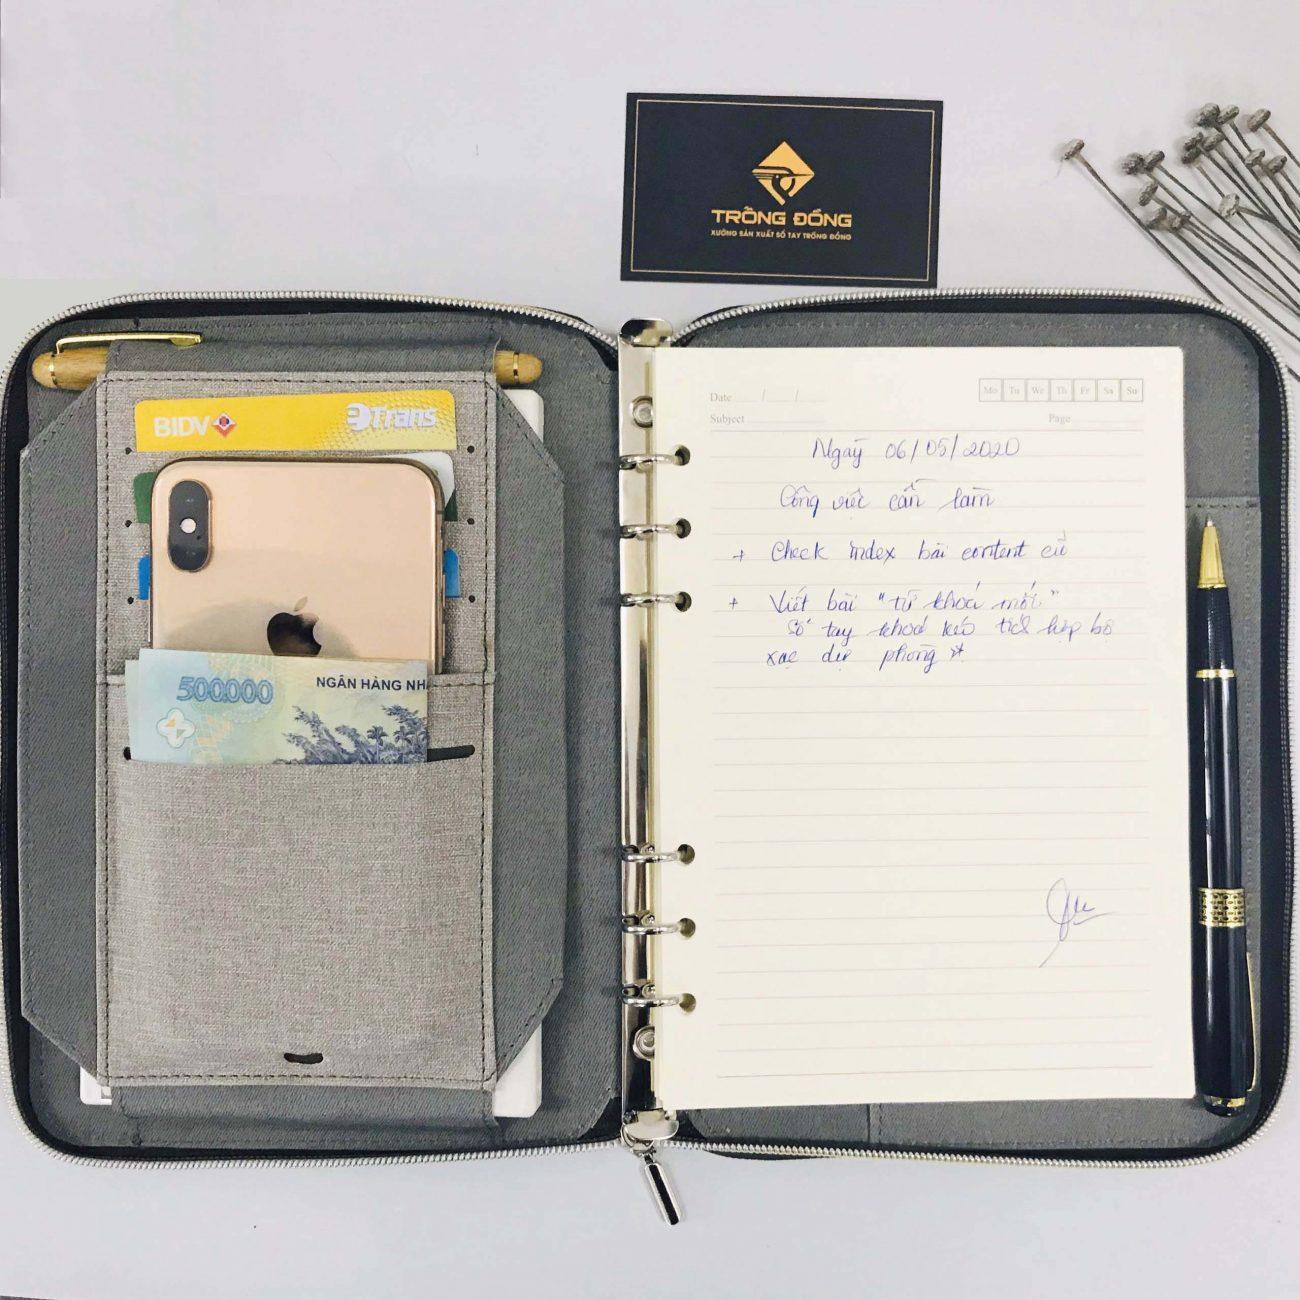 Sổ có 5 nhỏ ngăn đựng các thẻ card, điện thoại một cách ngăn nắp.